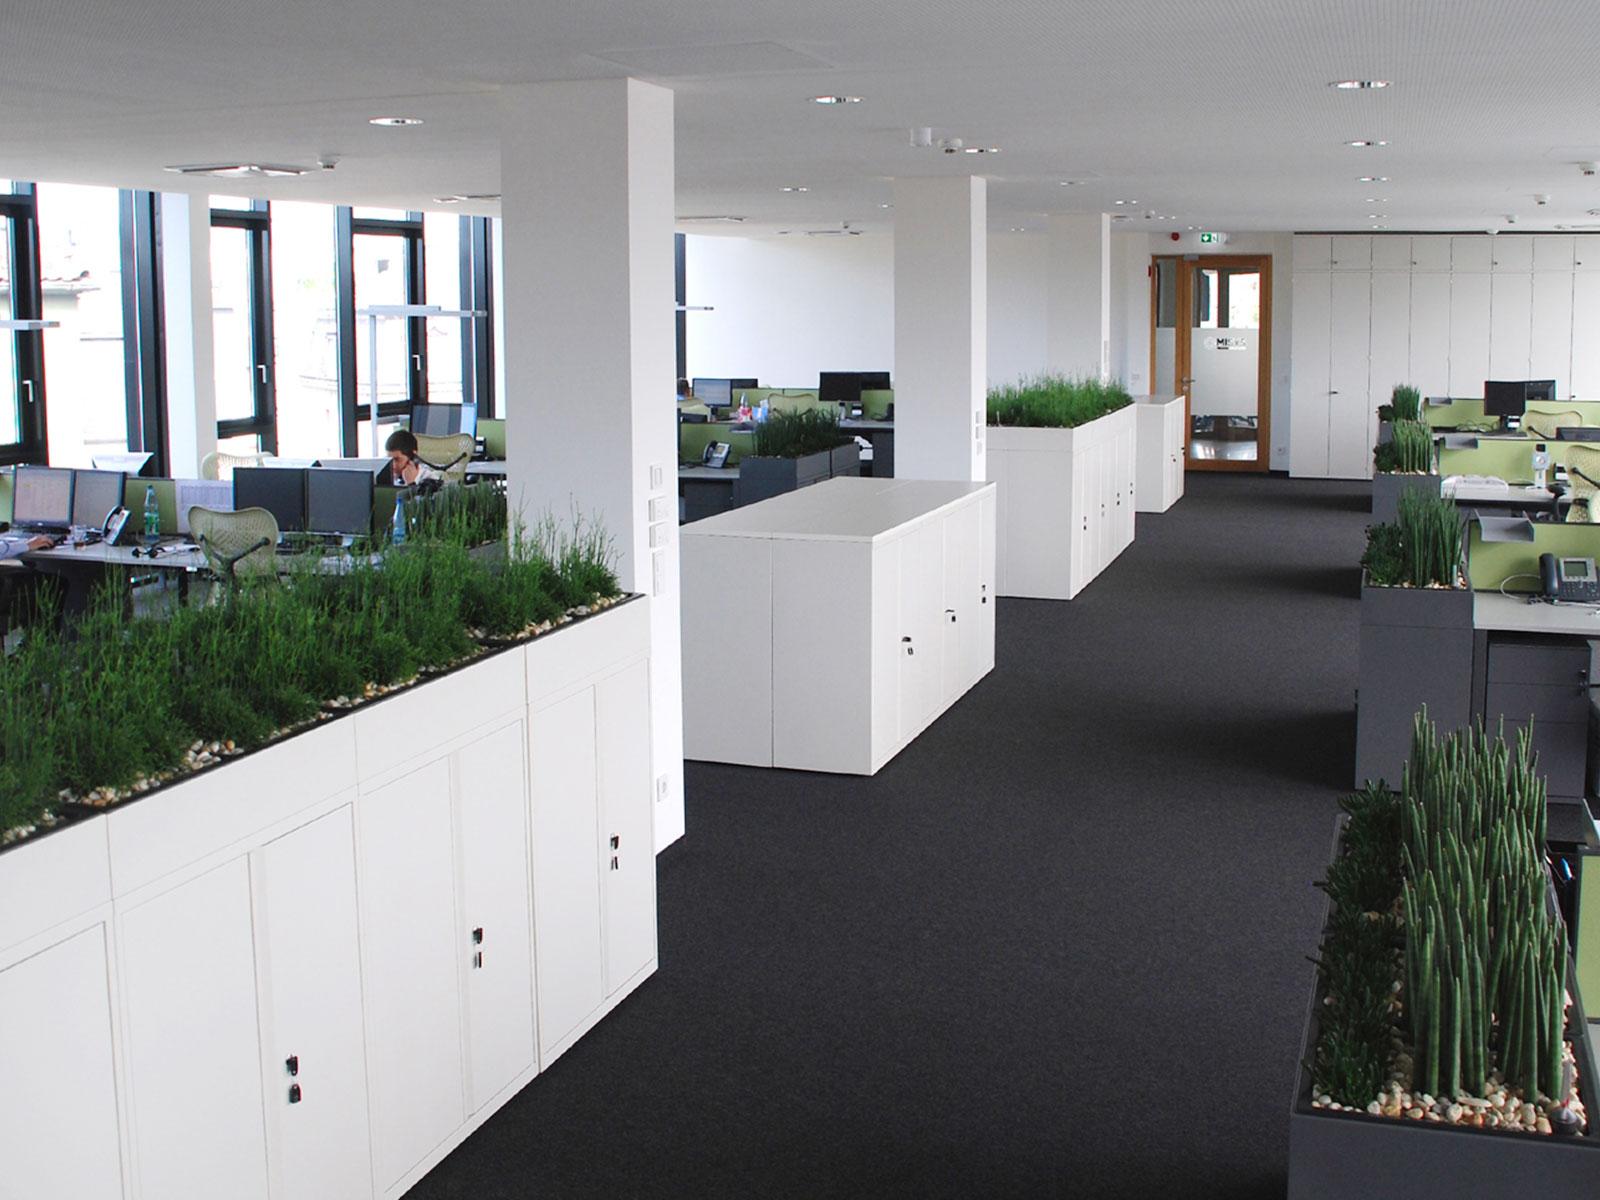 kunststoffwannen von hydroflora als flexible erg nzung zu ihren m beln hydroflora gmbh. Black Bedroom Furniture Sets. Home Design Ideas